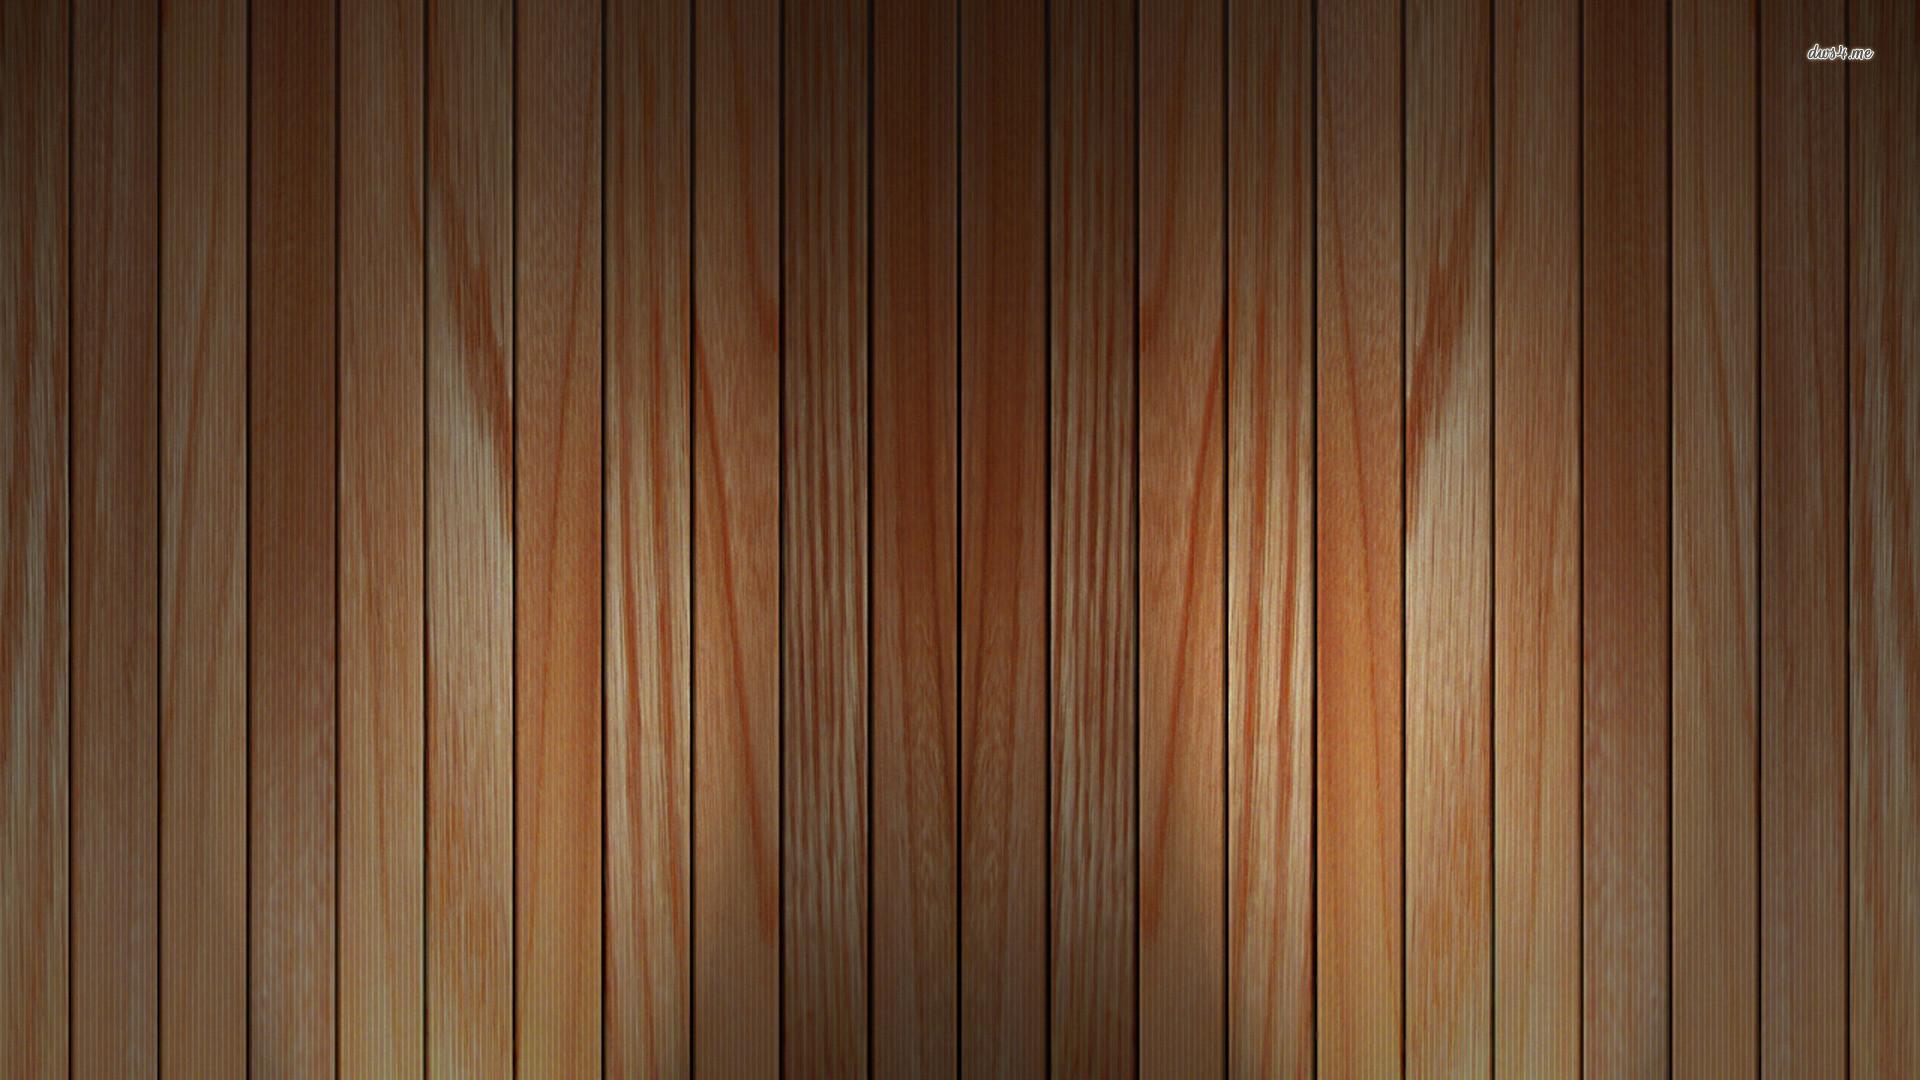 Wooden Floor wallpaper – Abstract wallpapers – #3244